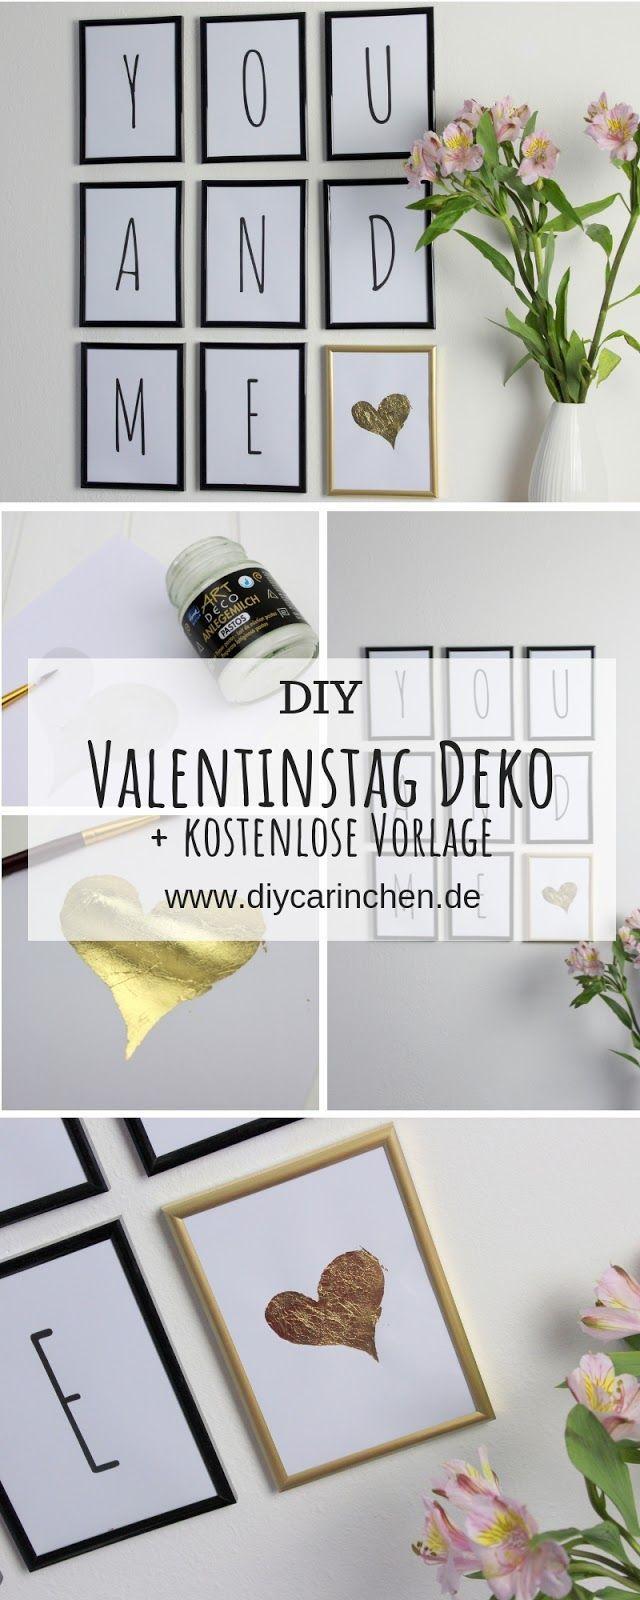 DIY süße Valentinstag Wanddeko mit Blattgold einfach selber machen